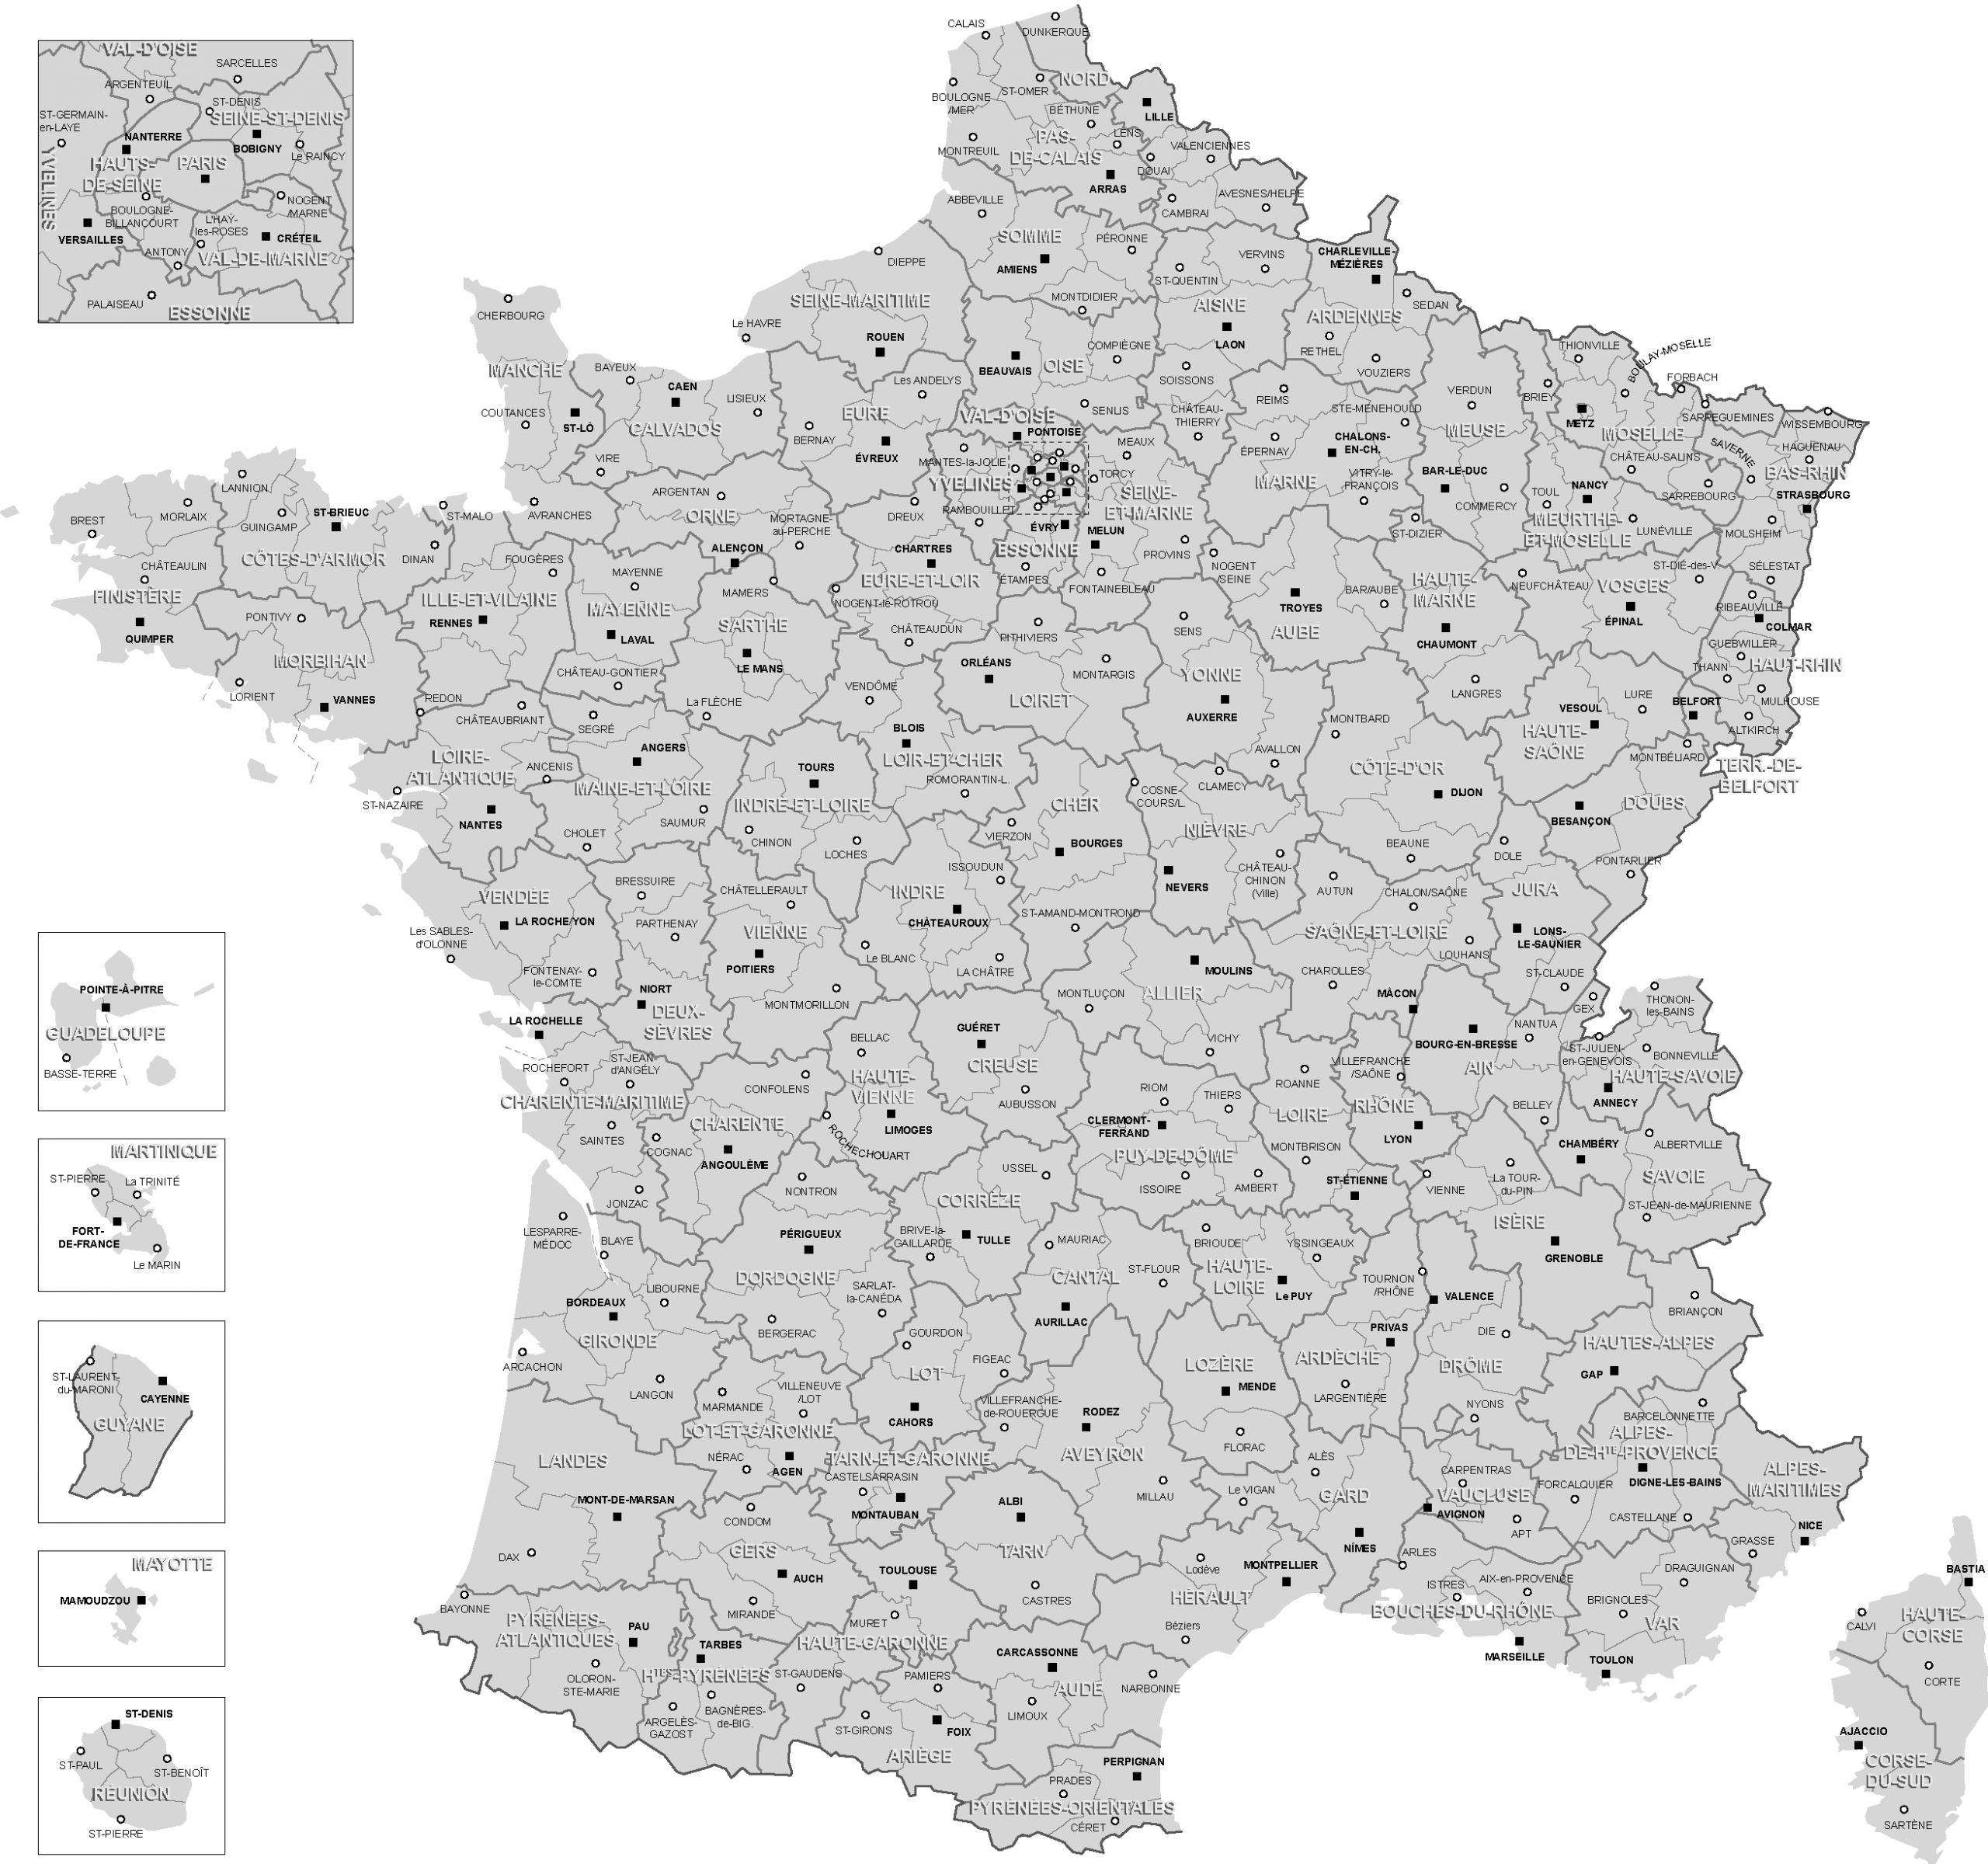 Cartes De France, Cartes Et Rmations Des Régions pour Carte De France Et Ses Régions